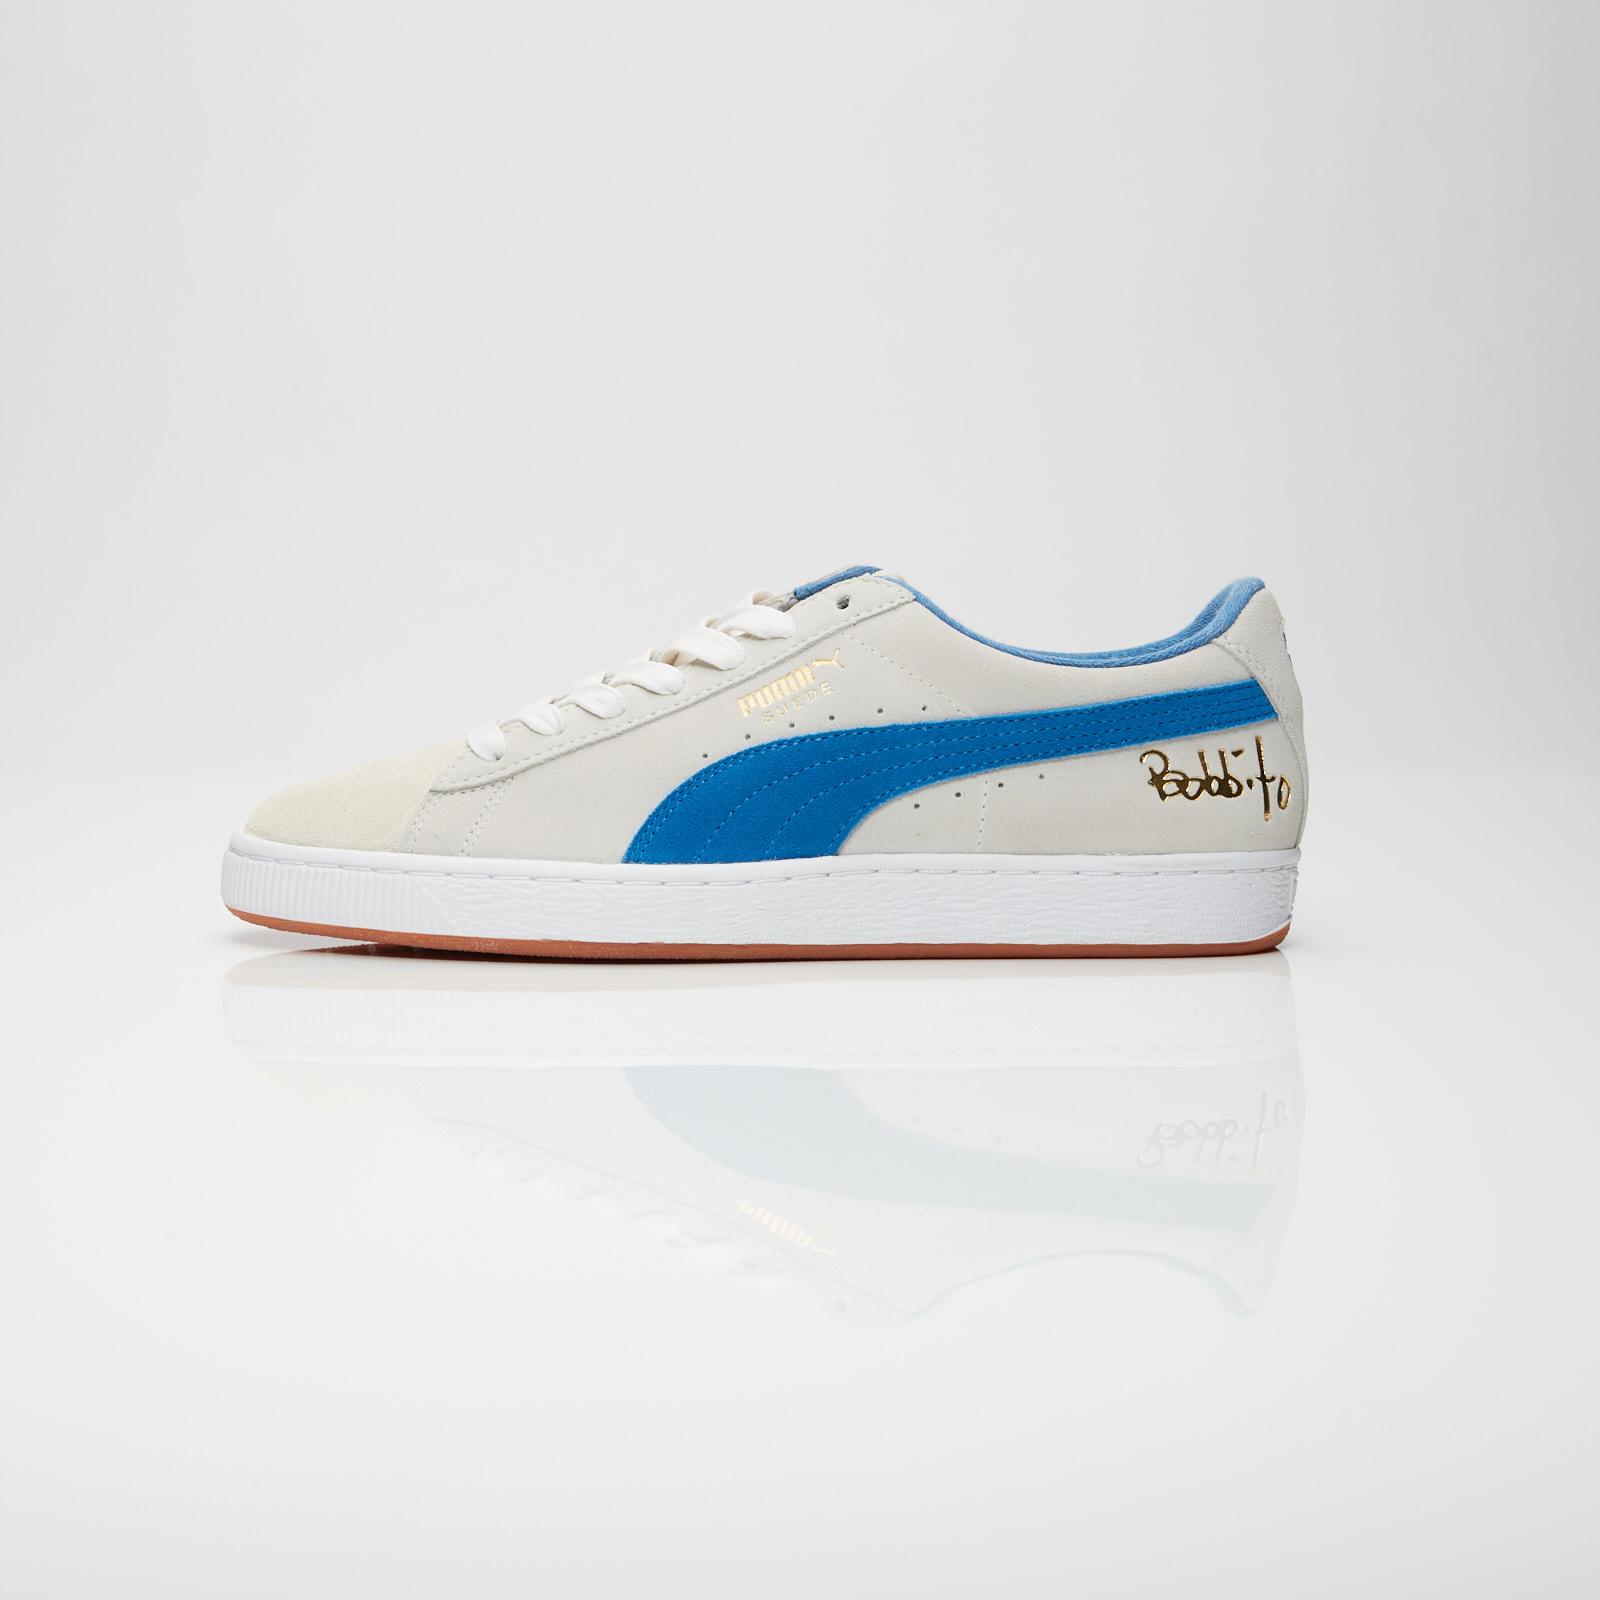 5fa61f206f6 Puma Suede Classic x Bobbito - 366336-02 - Sneakersnstuff